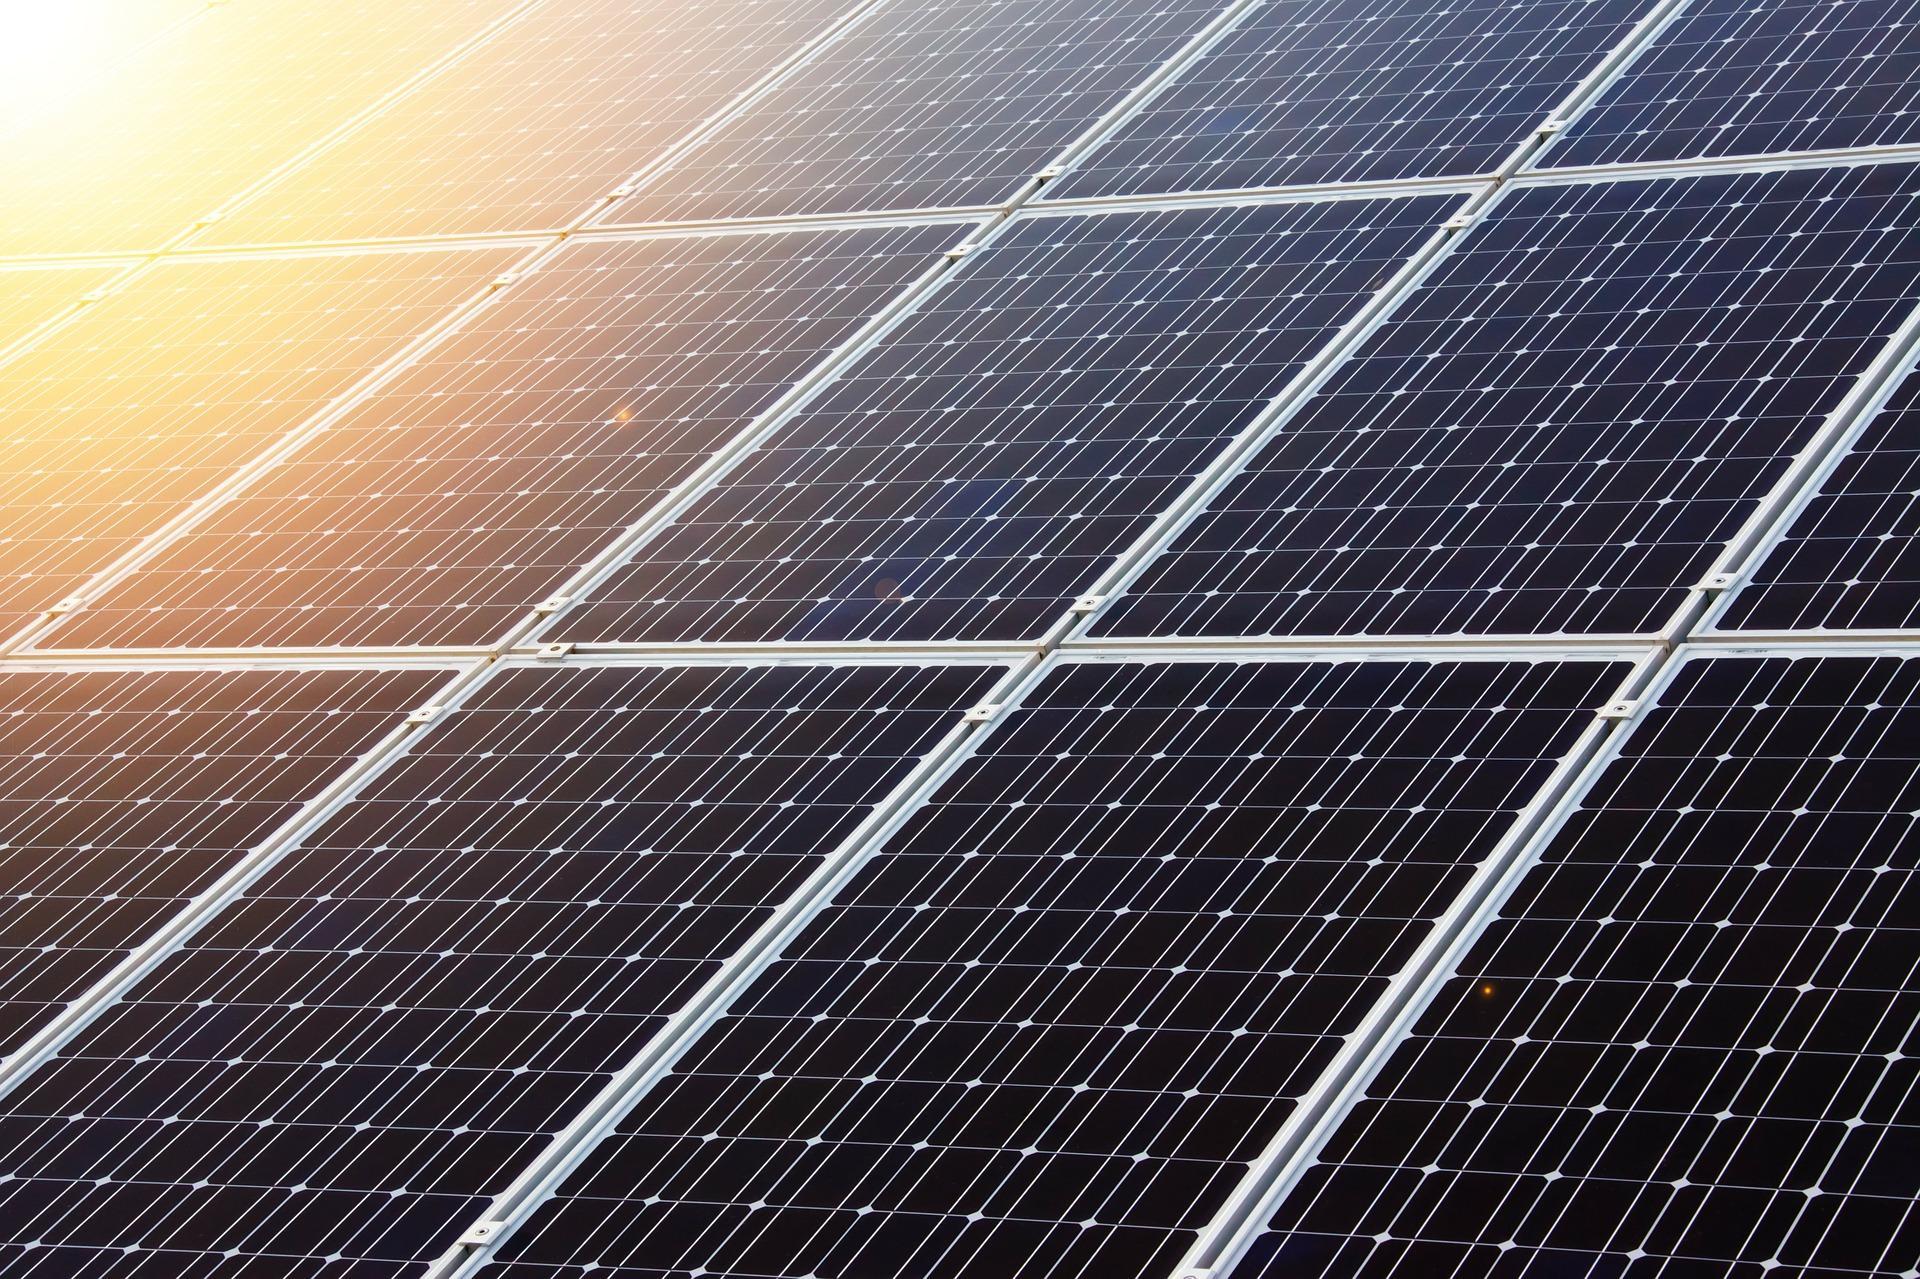 Izdelava, postavitev sončne elektrarne na ključ, sončna elektrarna, samooskrba, netmetering, sončna elektrarna za lastno uporabo, fotovoltaika - sonce.com 100